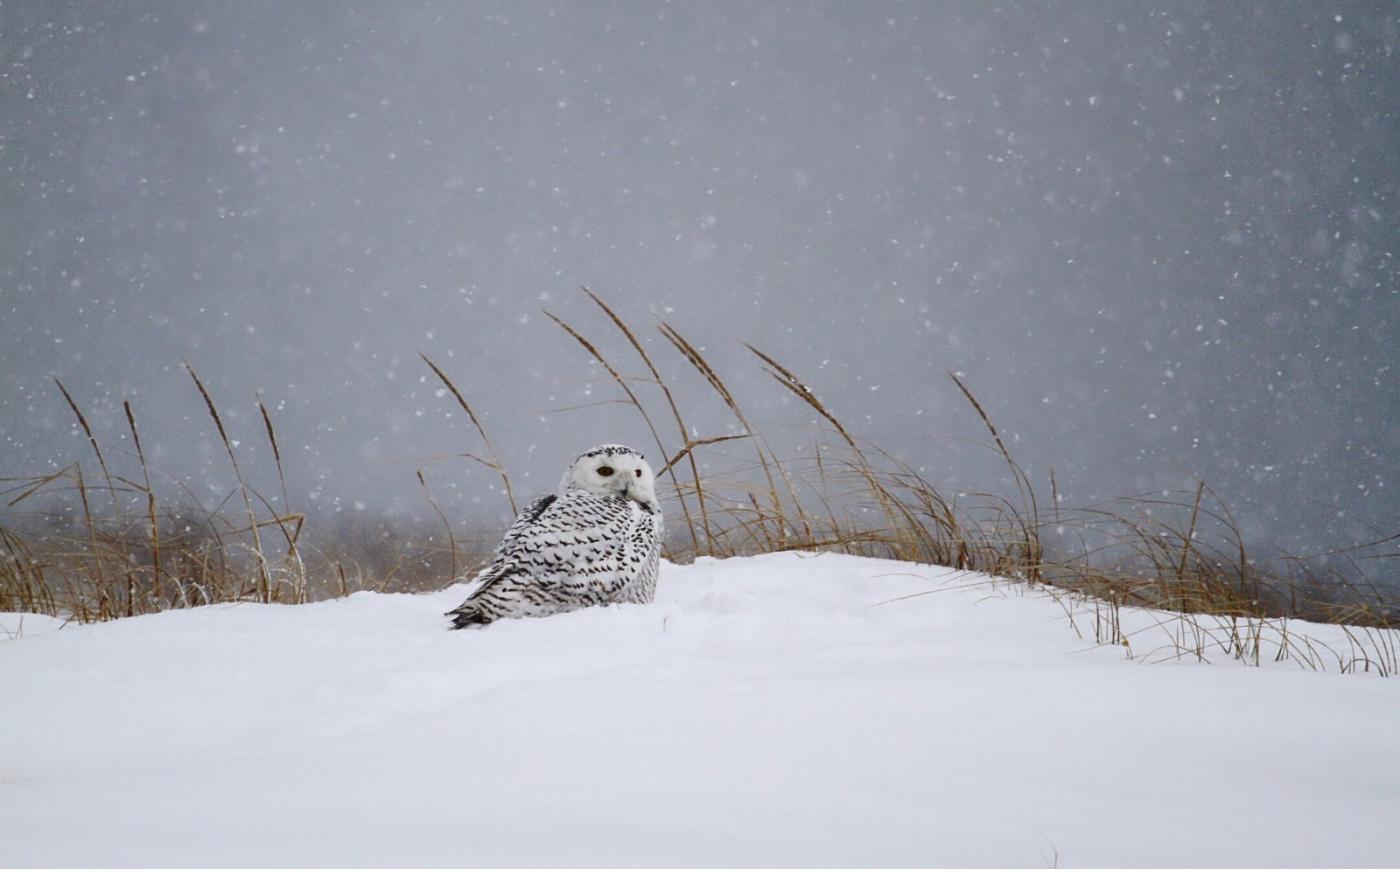 【田螺摄影】它坐着我坐着~抓拍雪猫鹰的萌态_图1-16